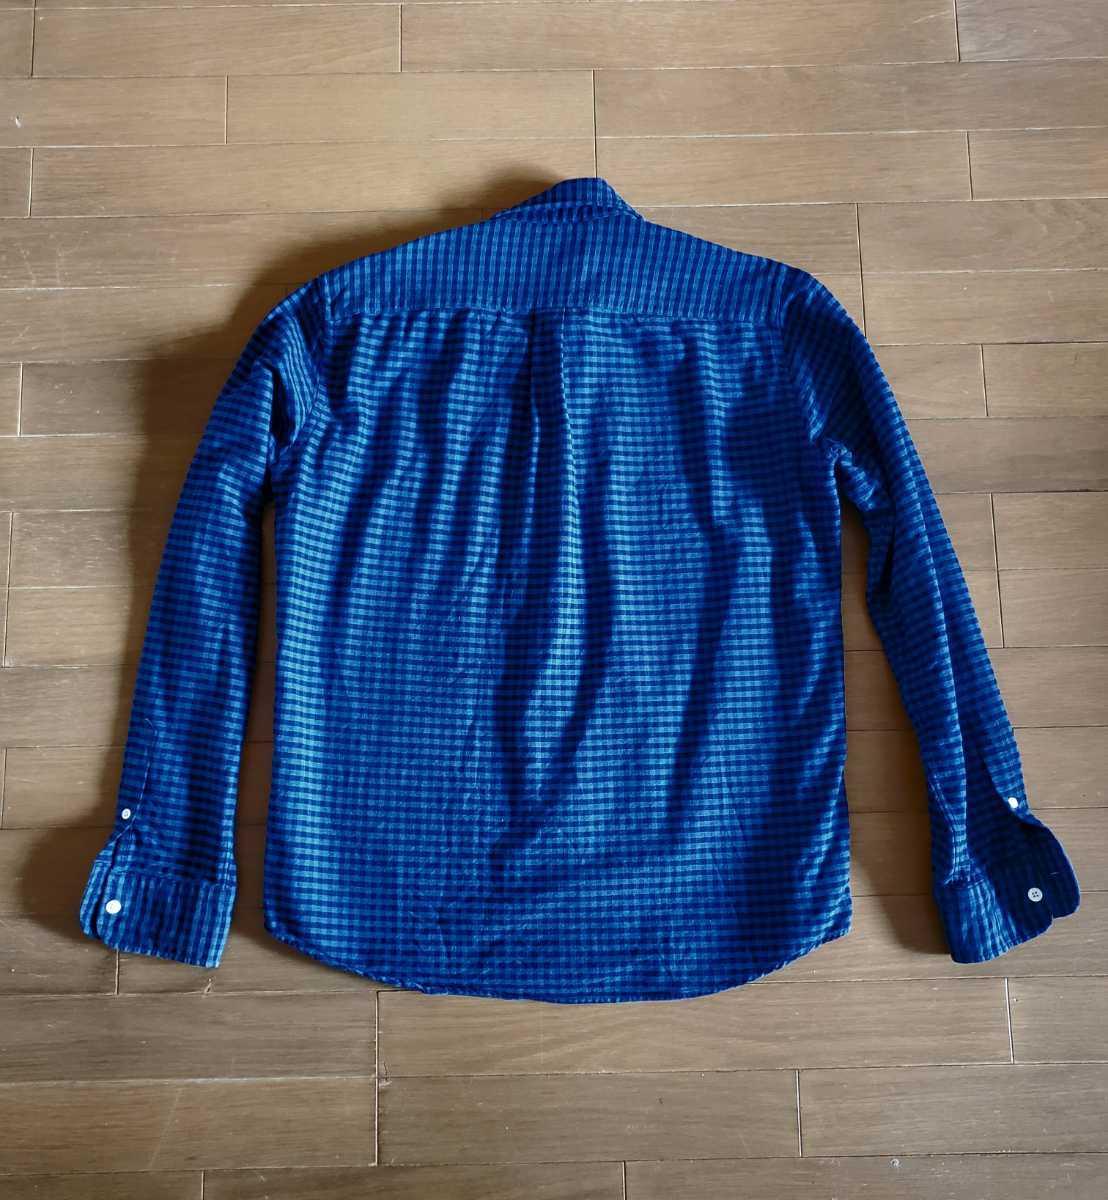 ナノユニバース nano universes チェックシャツ ブルー×ネイビー XLサイズ 2回だけ着用 ダメージ無しの超美品_画像2